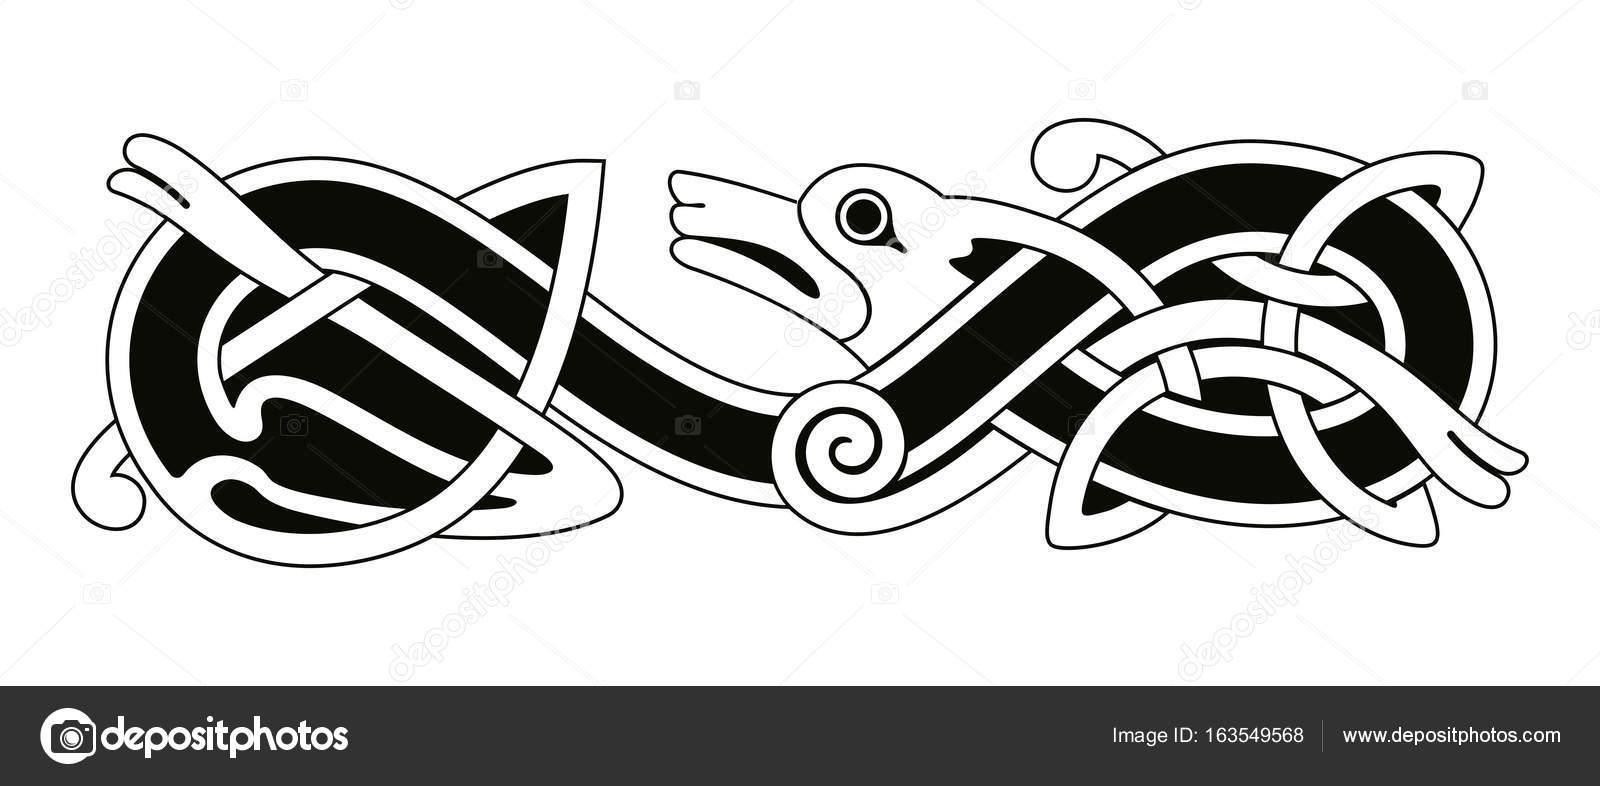 Nacional de dibujo celta — Archivo Imágenes Vectoriales © migfoto ...